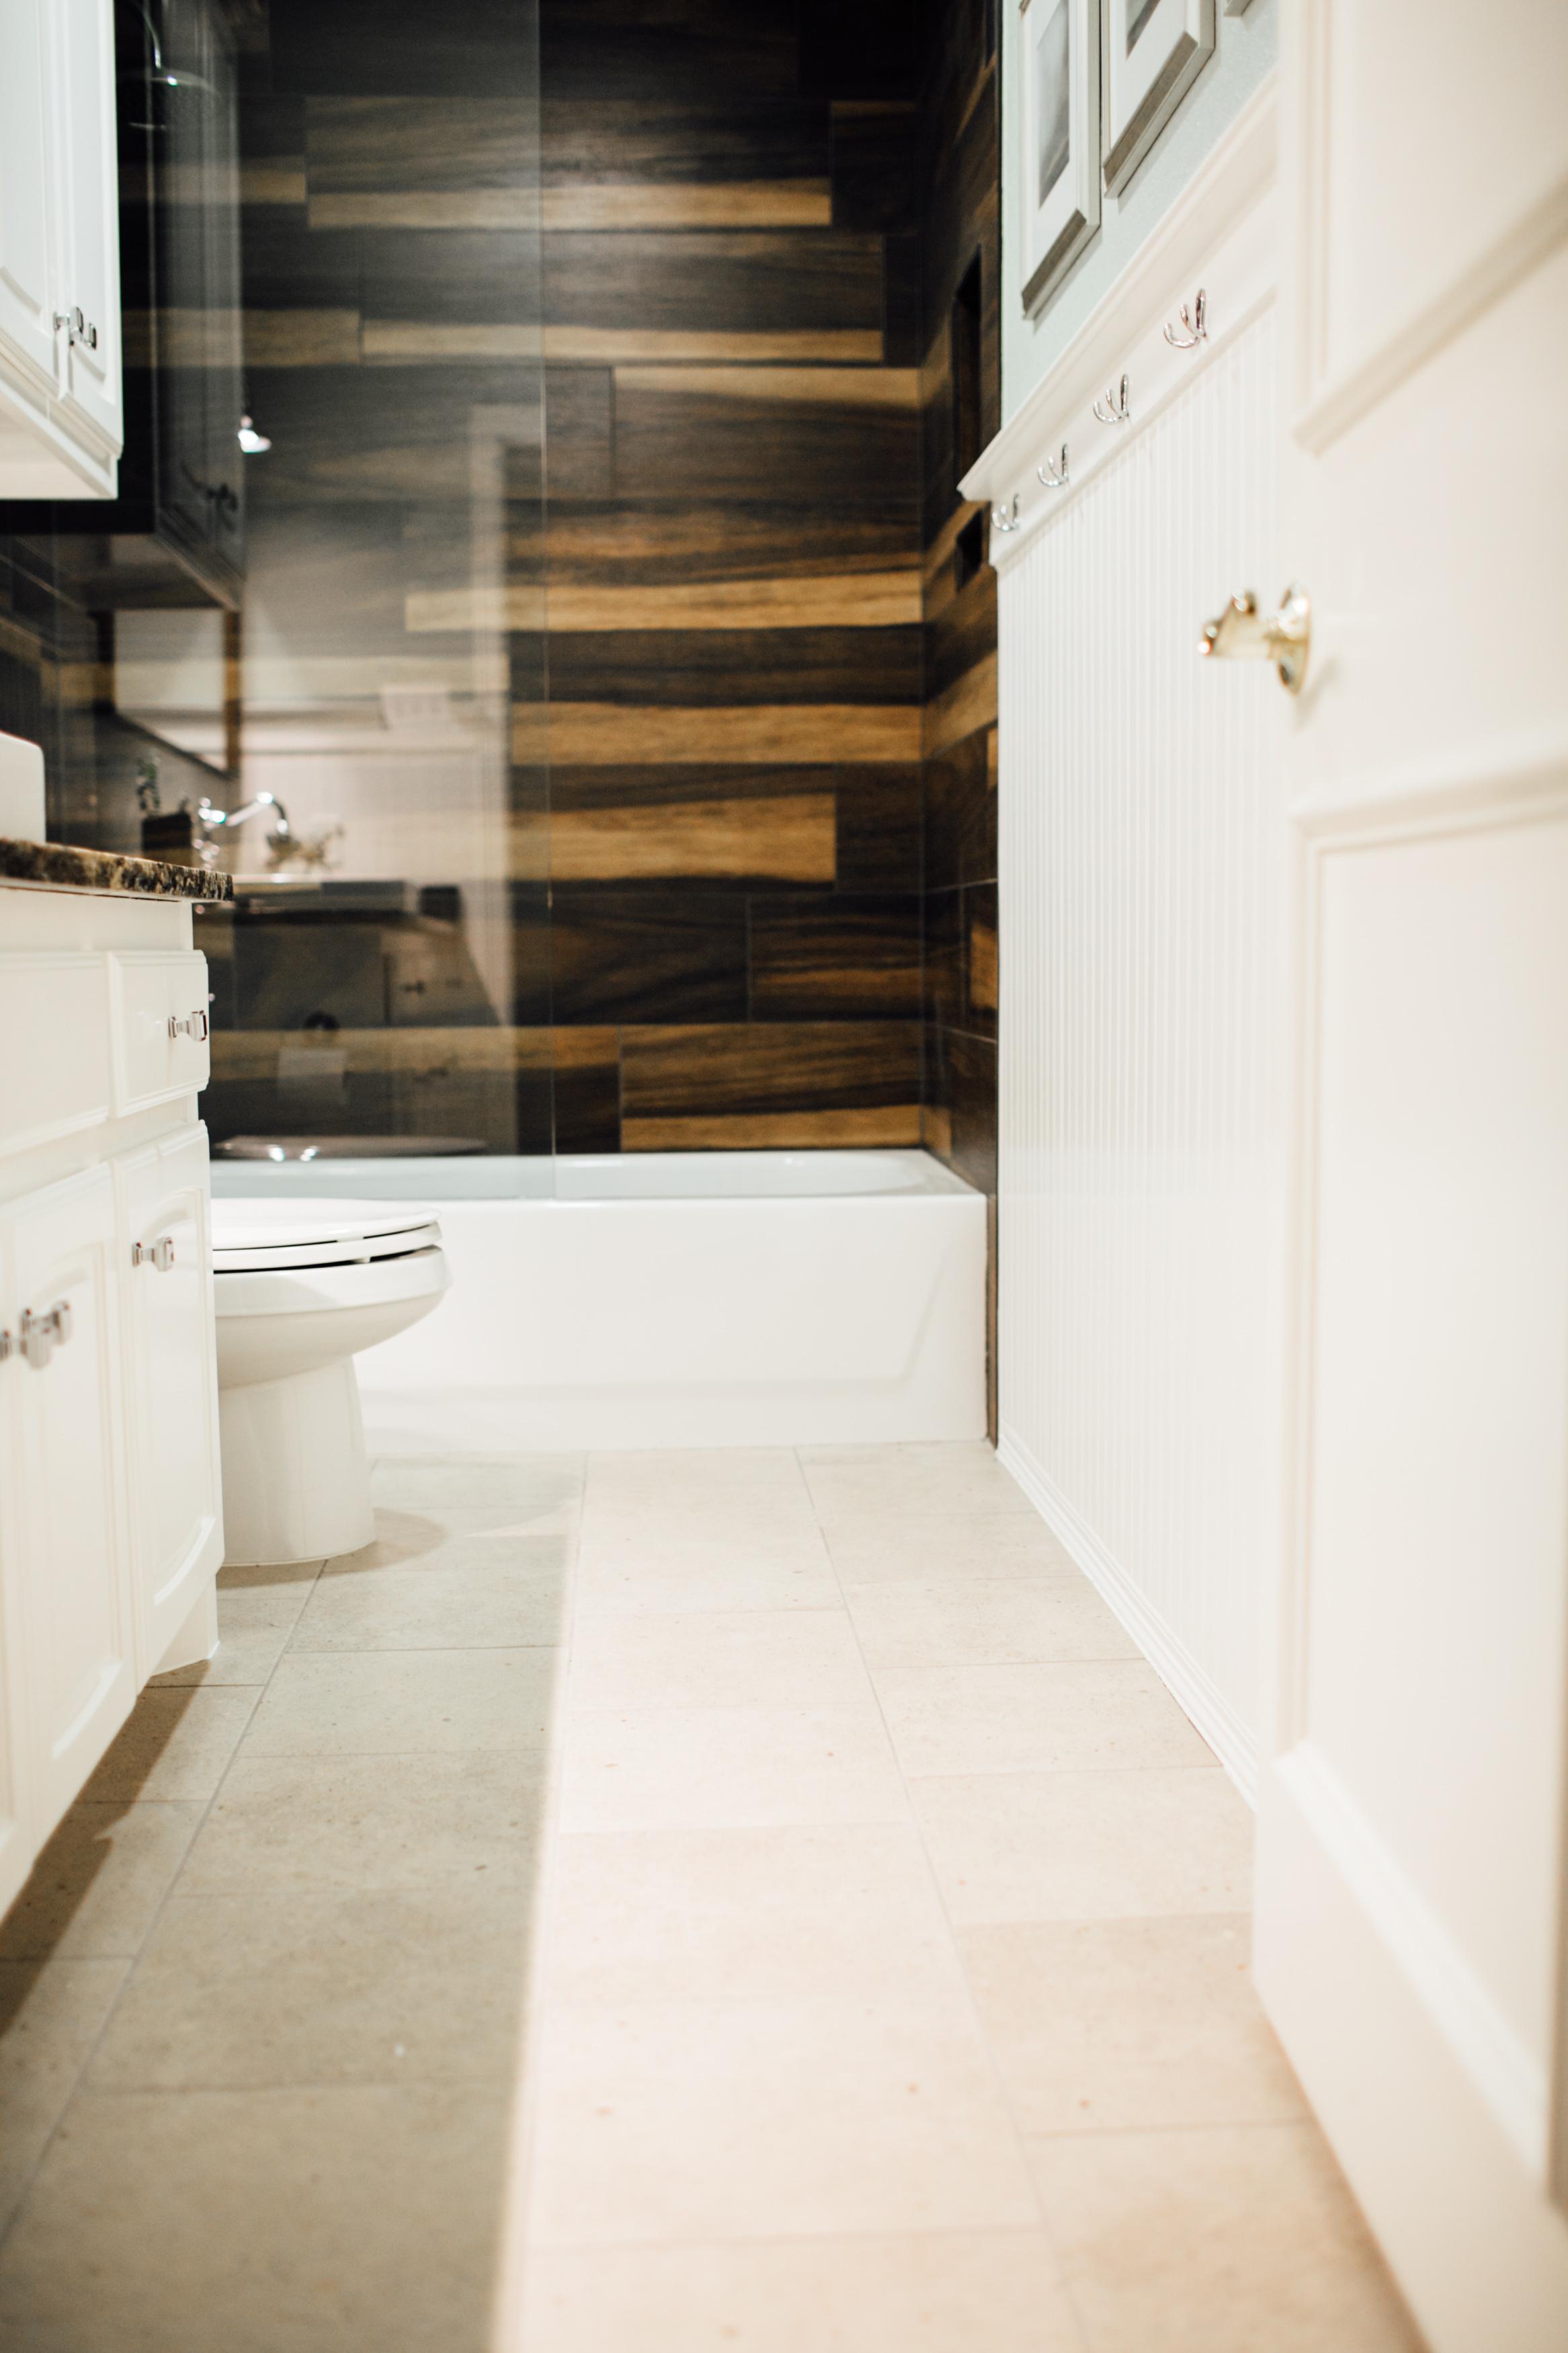 Bathroom Remodel 193.jpg